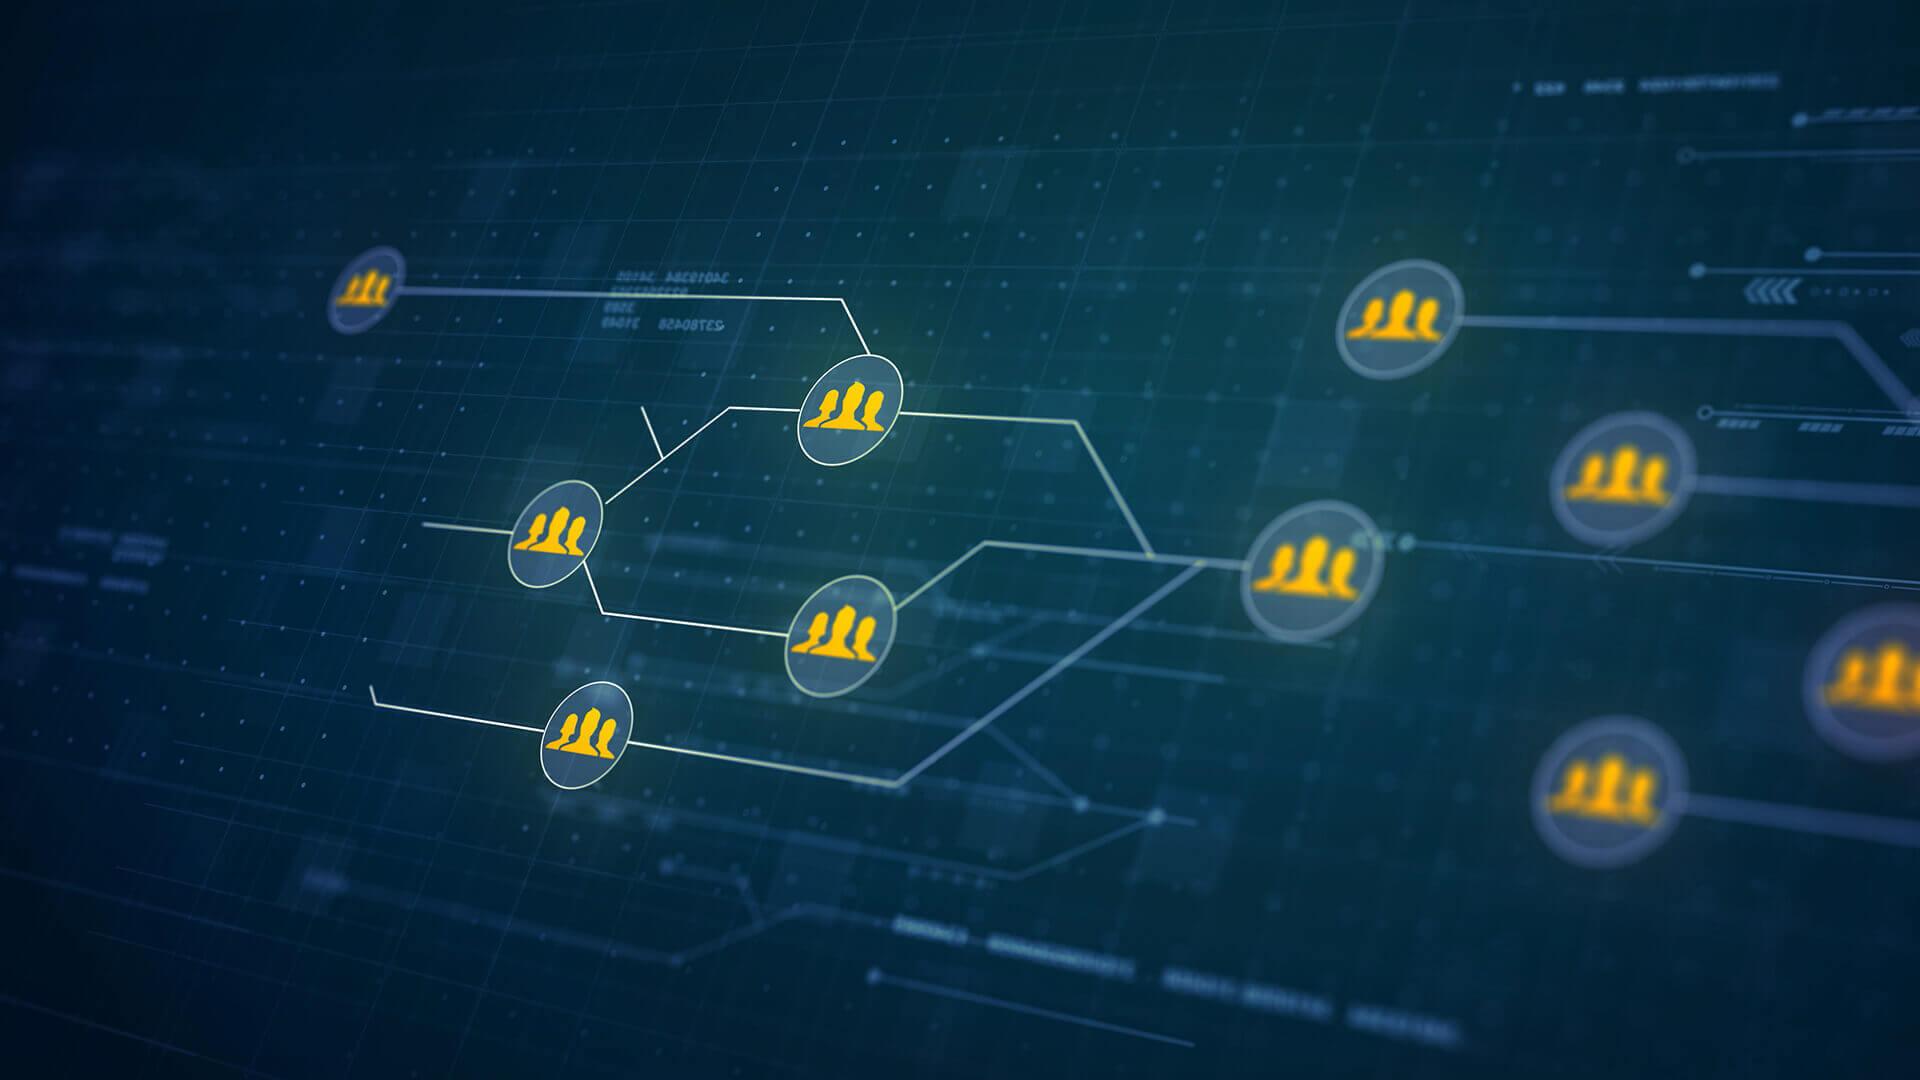 <h2>Serwery i sieci komputerowe</h2> <p>Potrzebujesz rozwiązań bardziej zaawansowanych w oparciu o system serwerowy oraz sieć komputerową? Nasi inżynierowie są do Twojej dyspozycji. Musisz tylko określić specyfikę i strukturę Twojej firmy oraz przybliżyć nam swoje potrzeby i oczekiwania a całą resztą od strony technicznej zajmą się nasi specjaliści. Dopasują odpowiednią konfigurację serwera i zaproponują optymalne rozwiązanie sieciowe.</p>